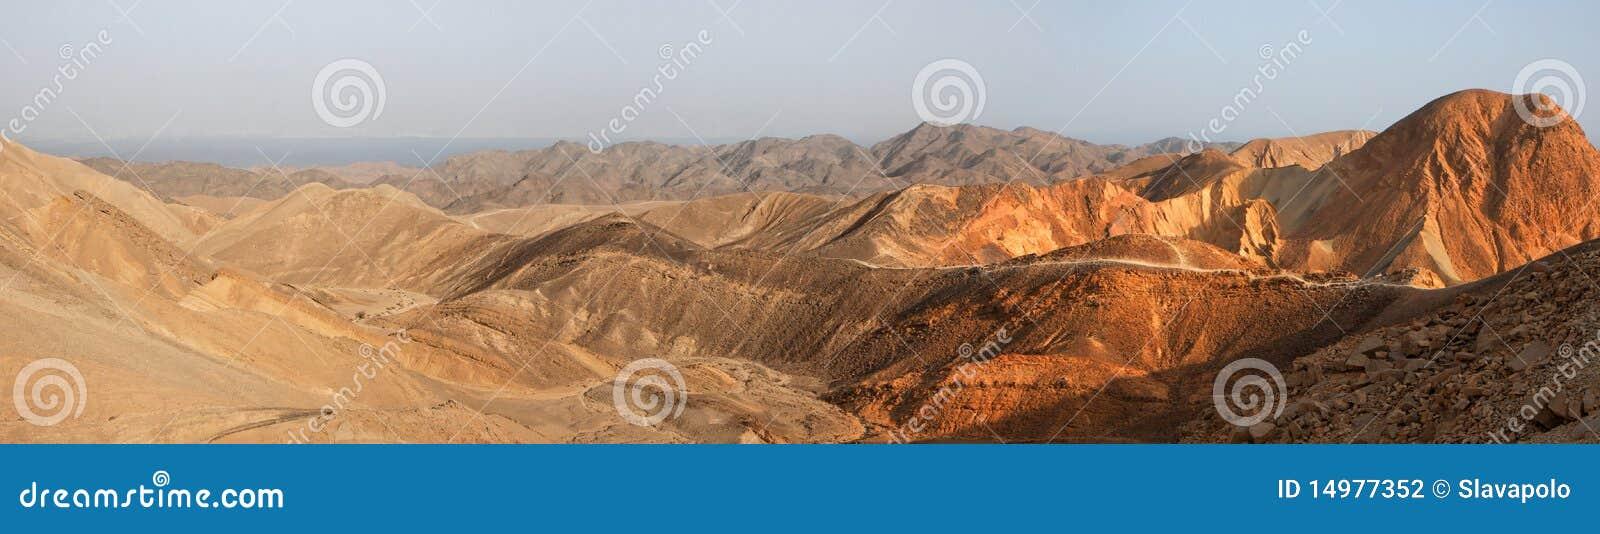 Panorama da paisagem do deserto no por do sol